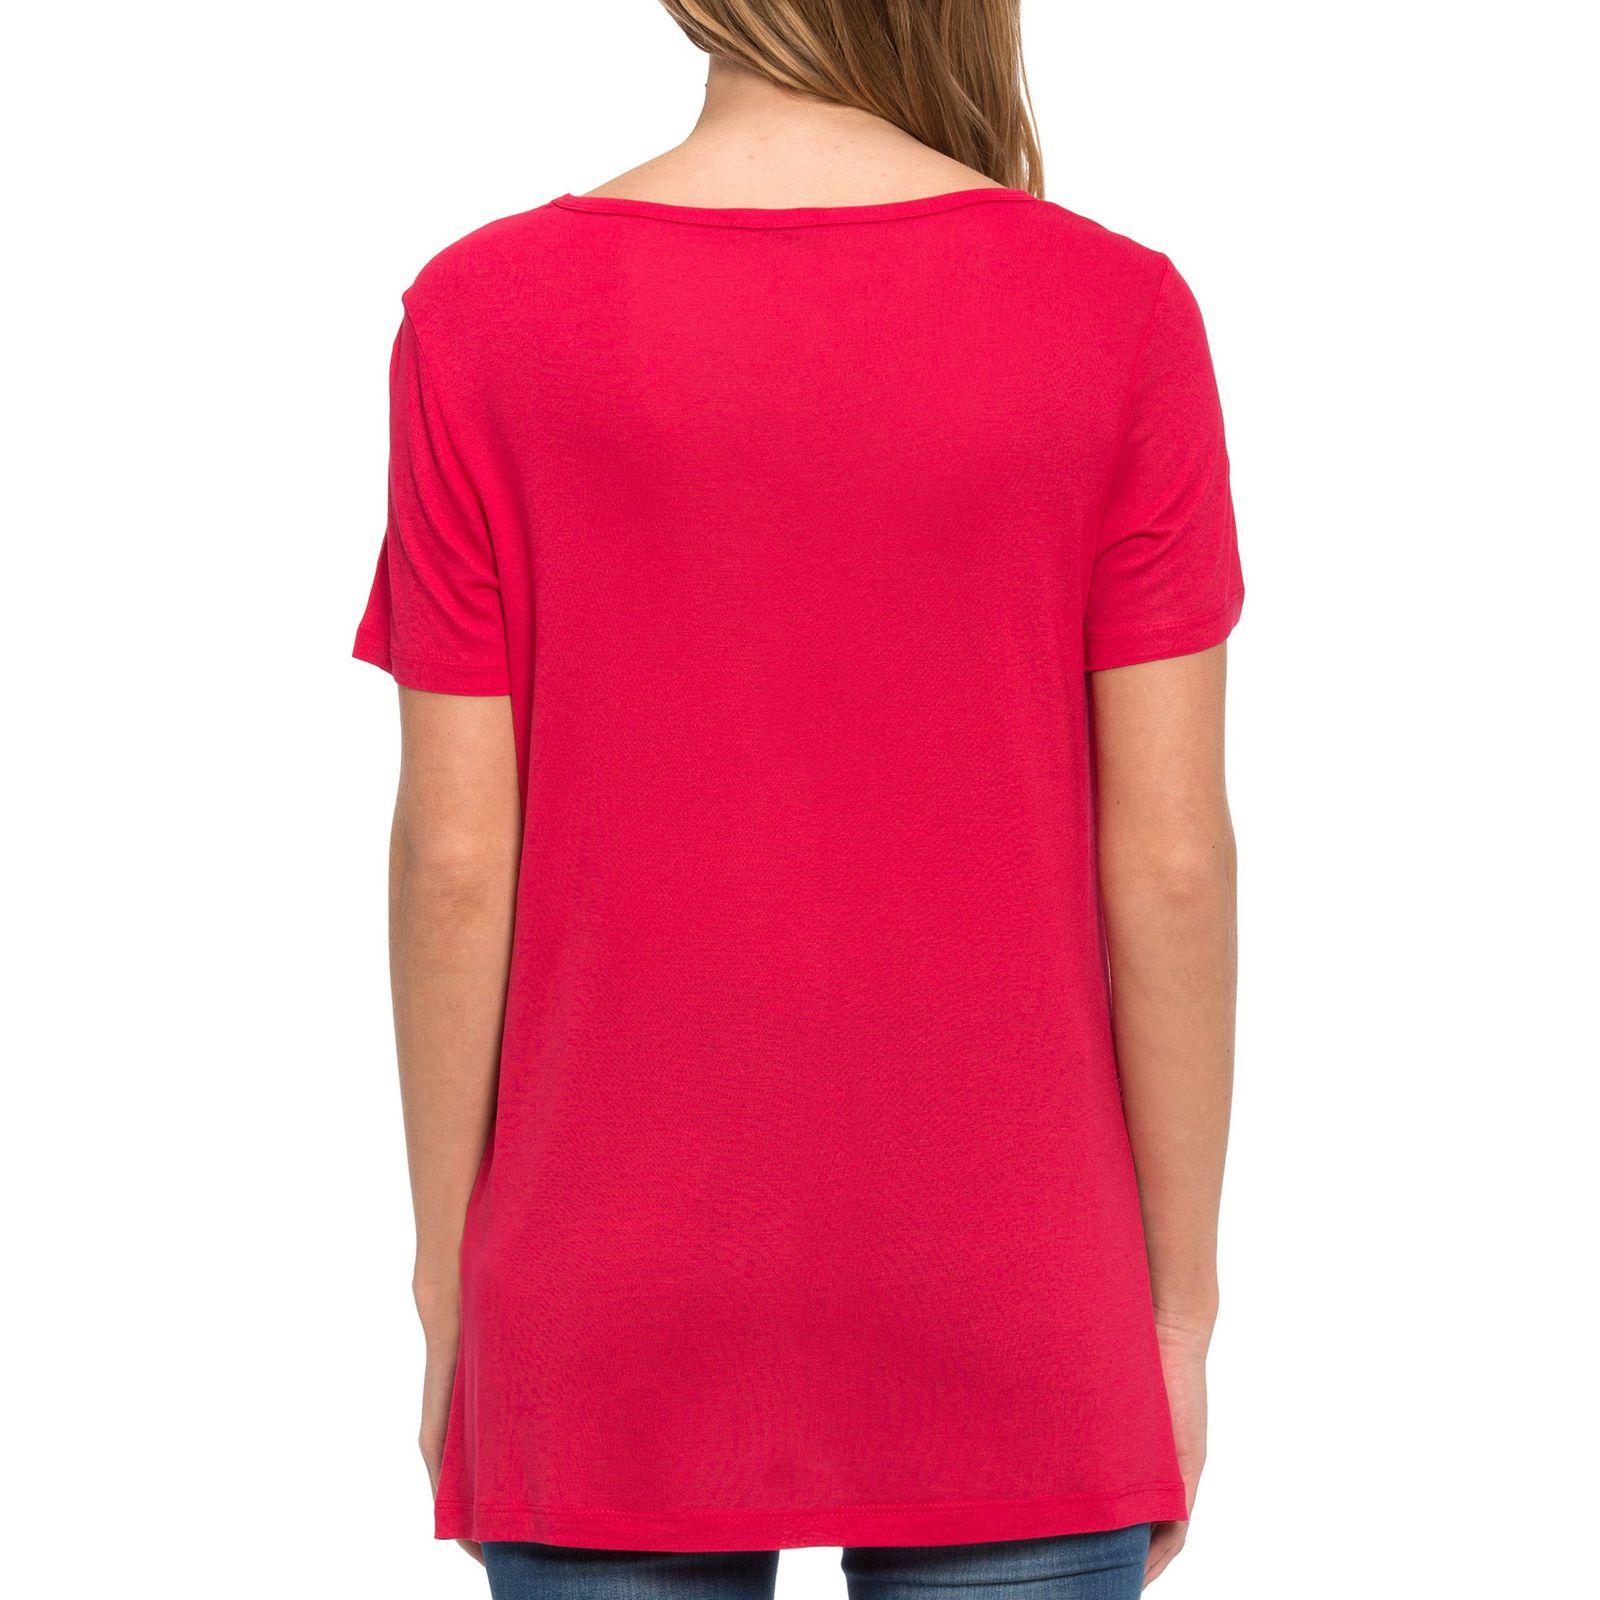 تی شرت ویسکوز یقه گرد زنانه - ال سی وایکیکی - قرمز - 5